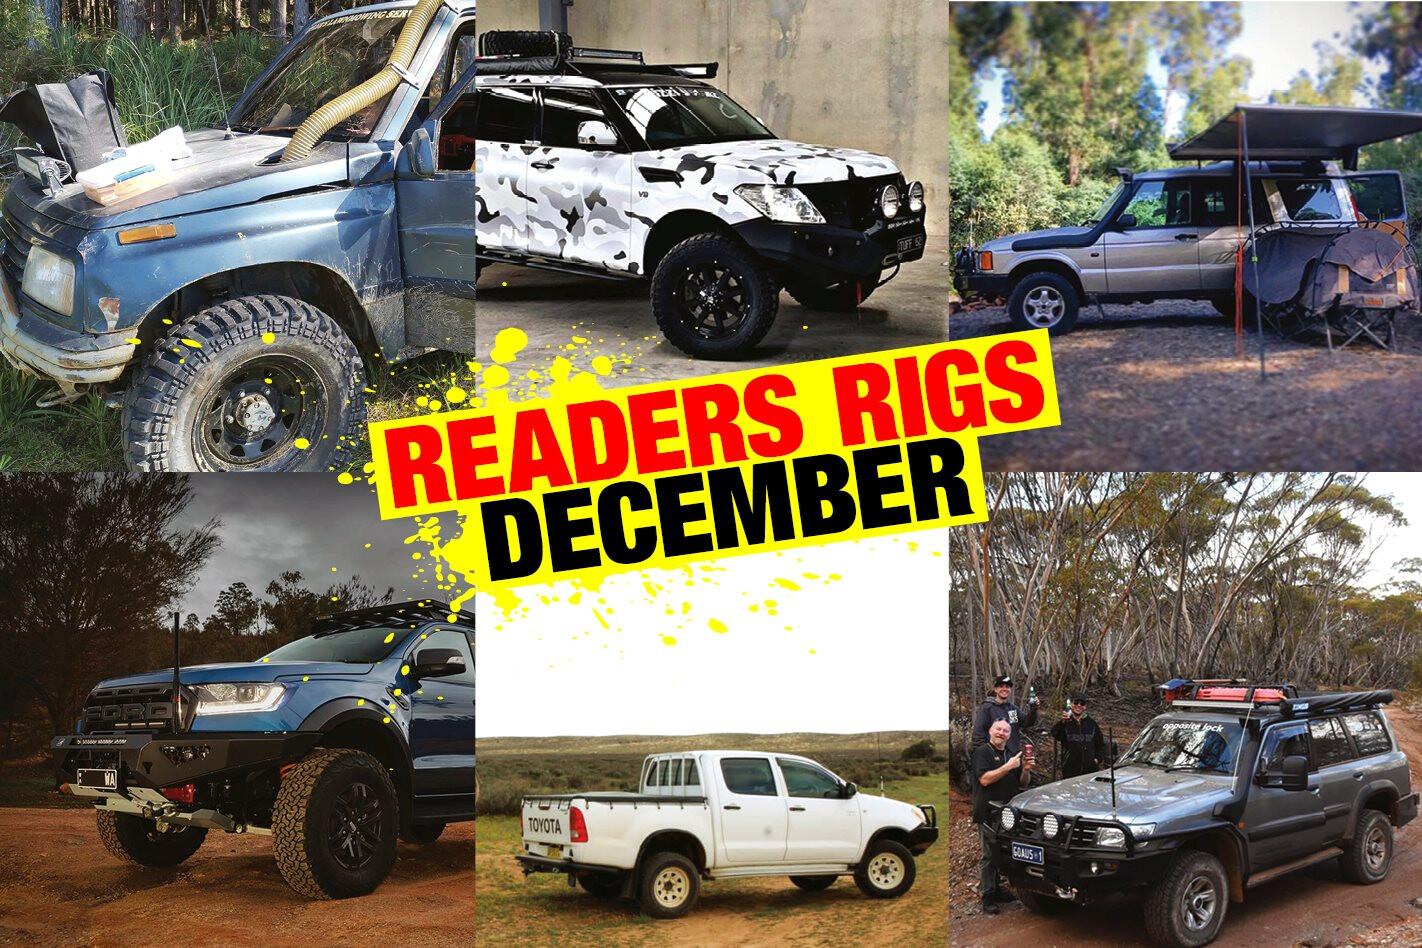 Readers Rigs December 2020